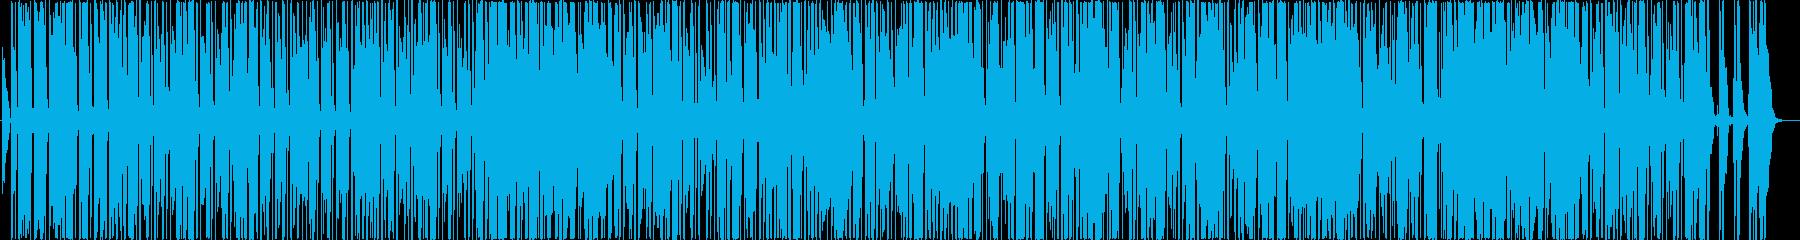 グルーヴの国では、オクターブダウン...の再生済みの波形